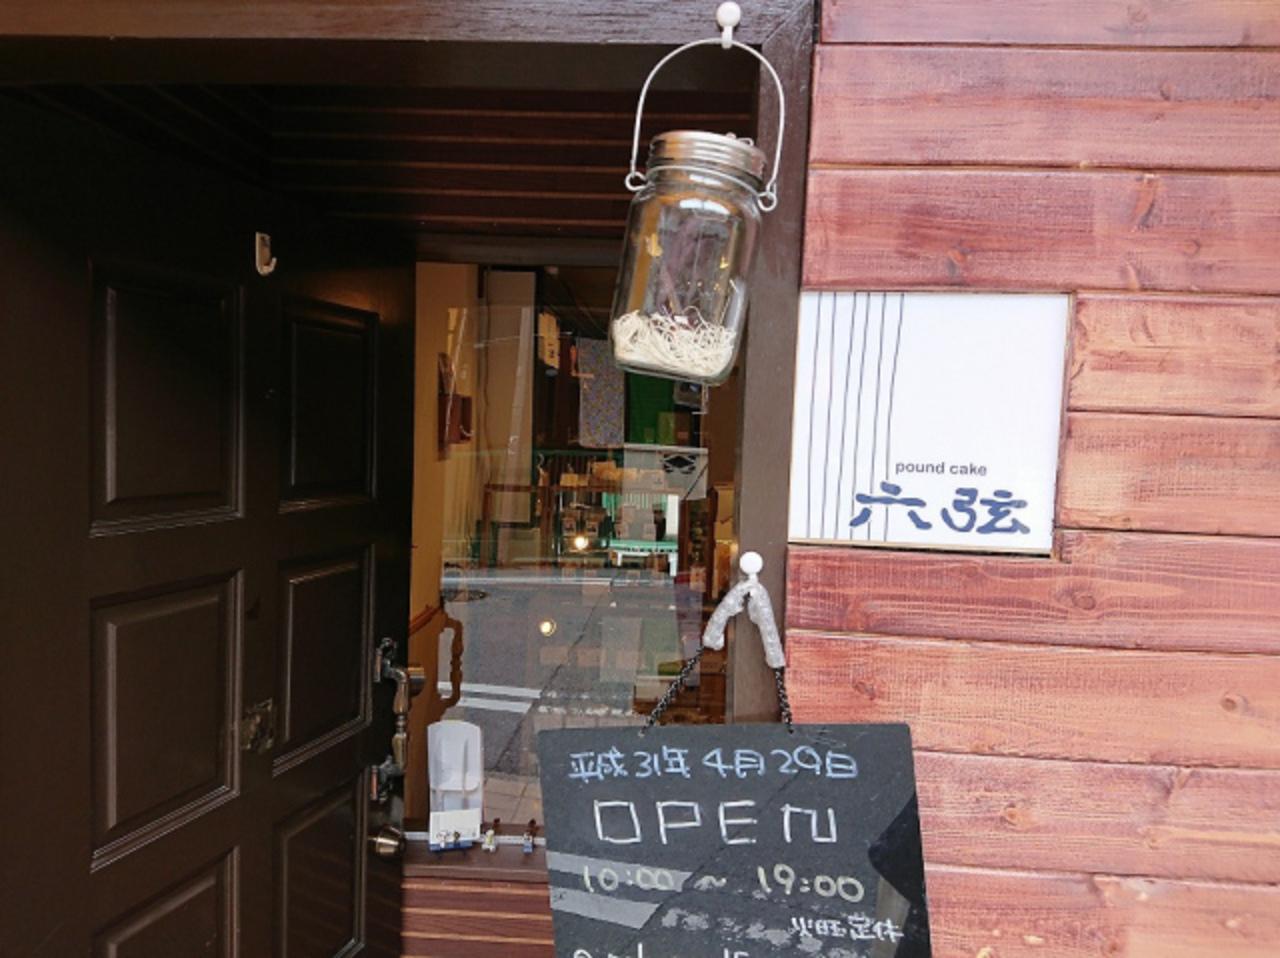 上新庄駅近くのパウンドケーキ店『六弦』さんが7/28をもって休業されるようです。。。